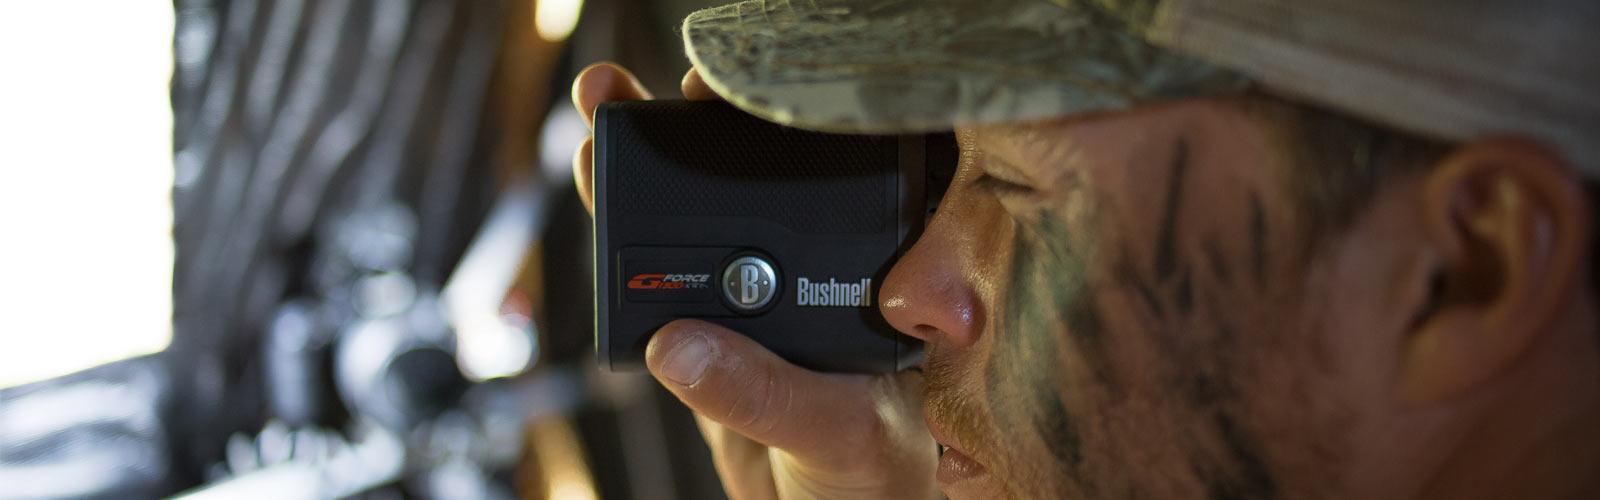 Laser Rangefinder-Home-Image